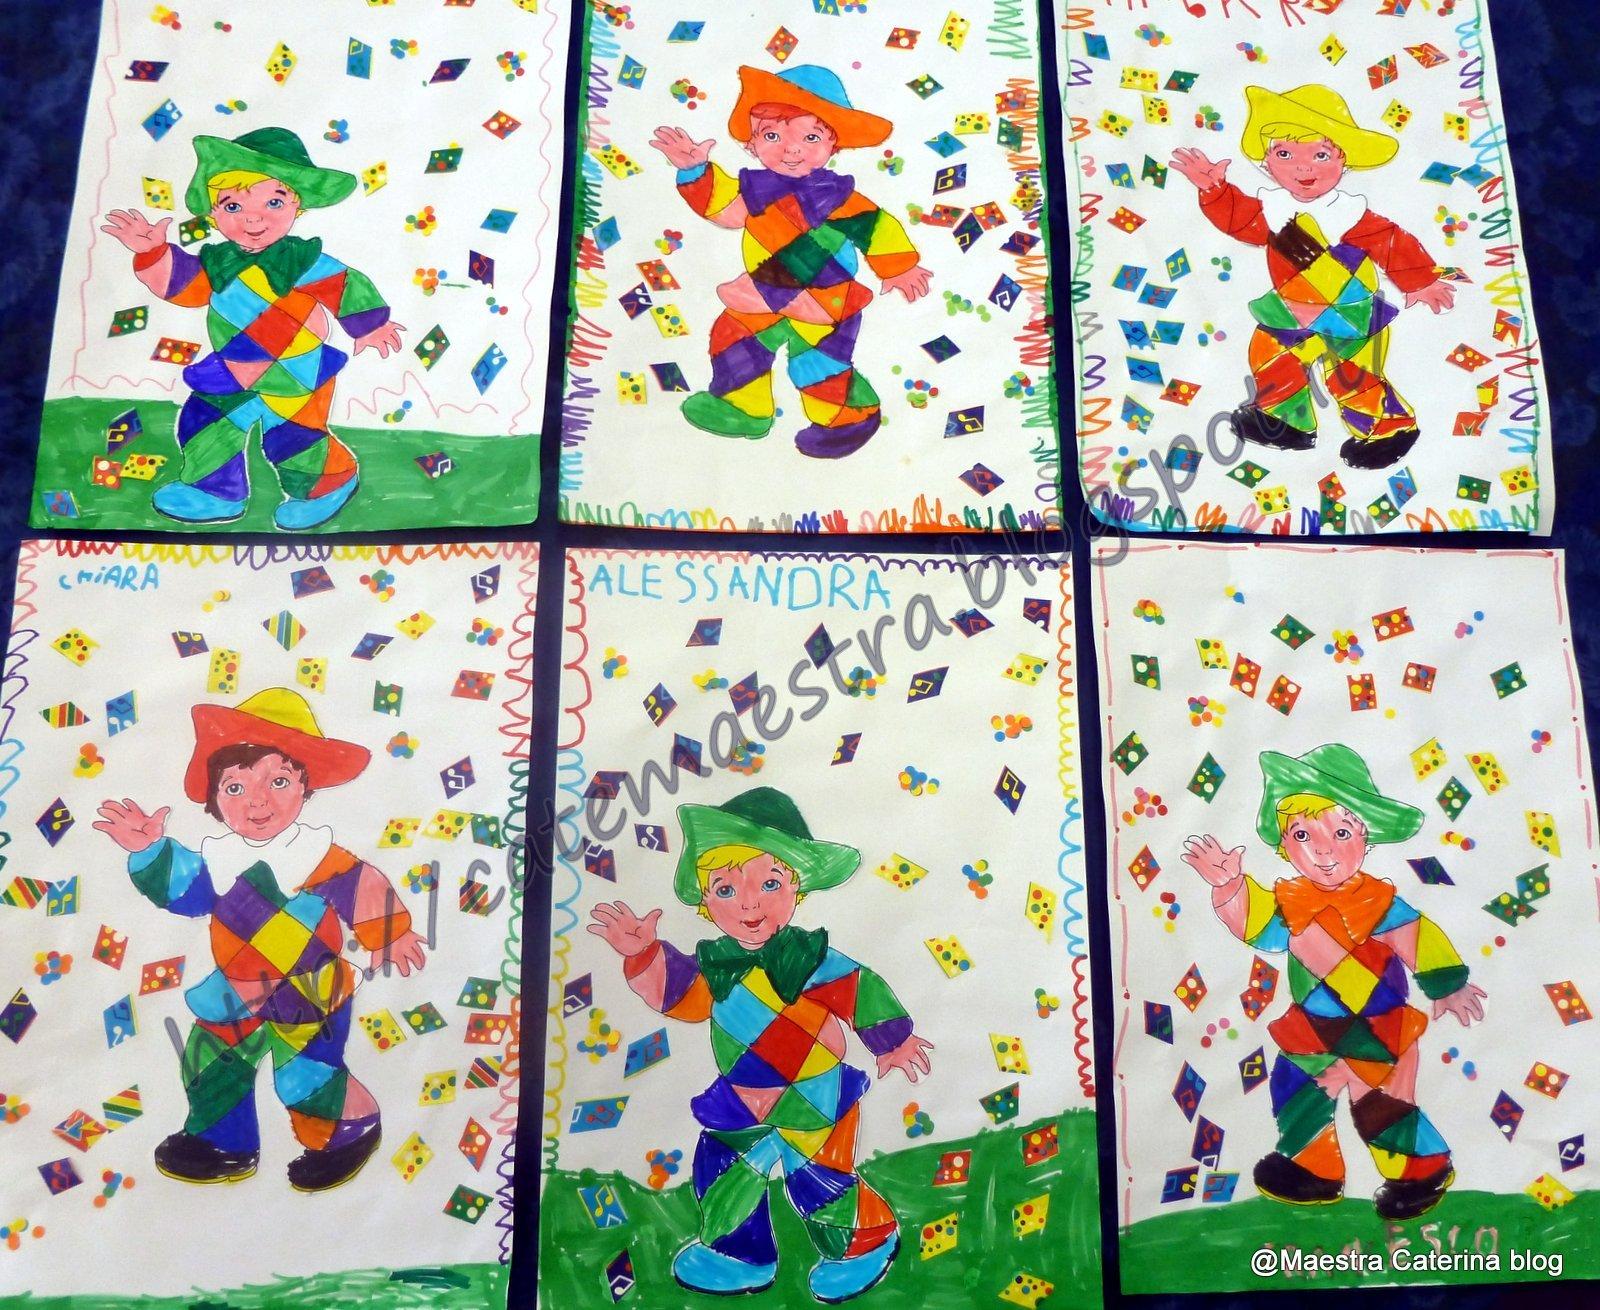 Maestra caterina arlecchino for Cartelloni di carnevale scuola primaria